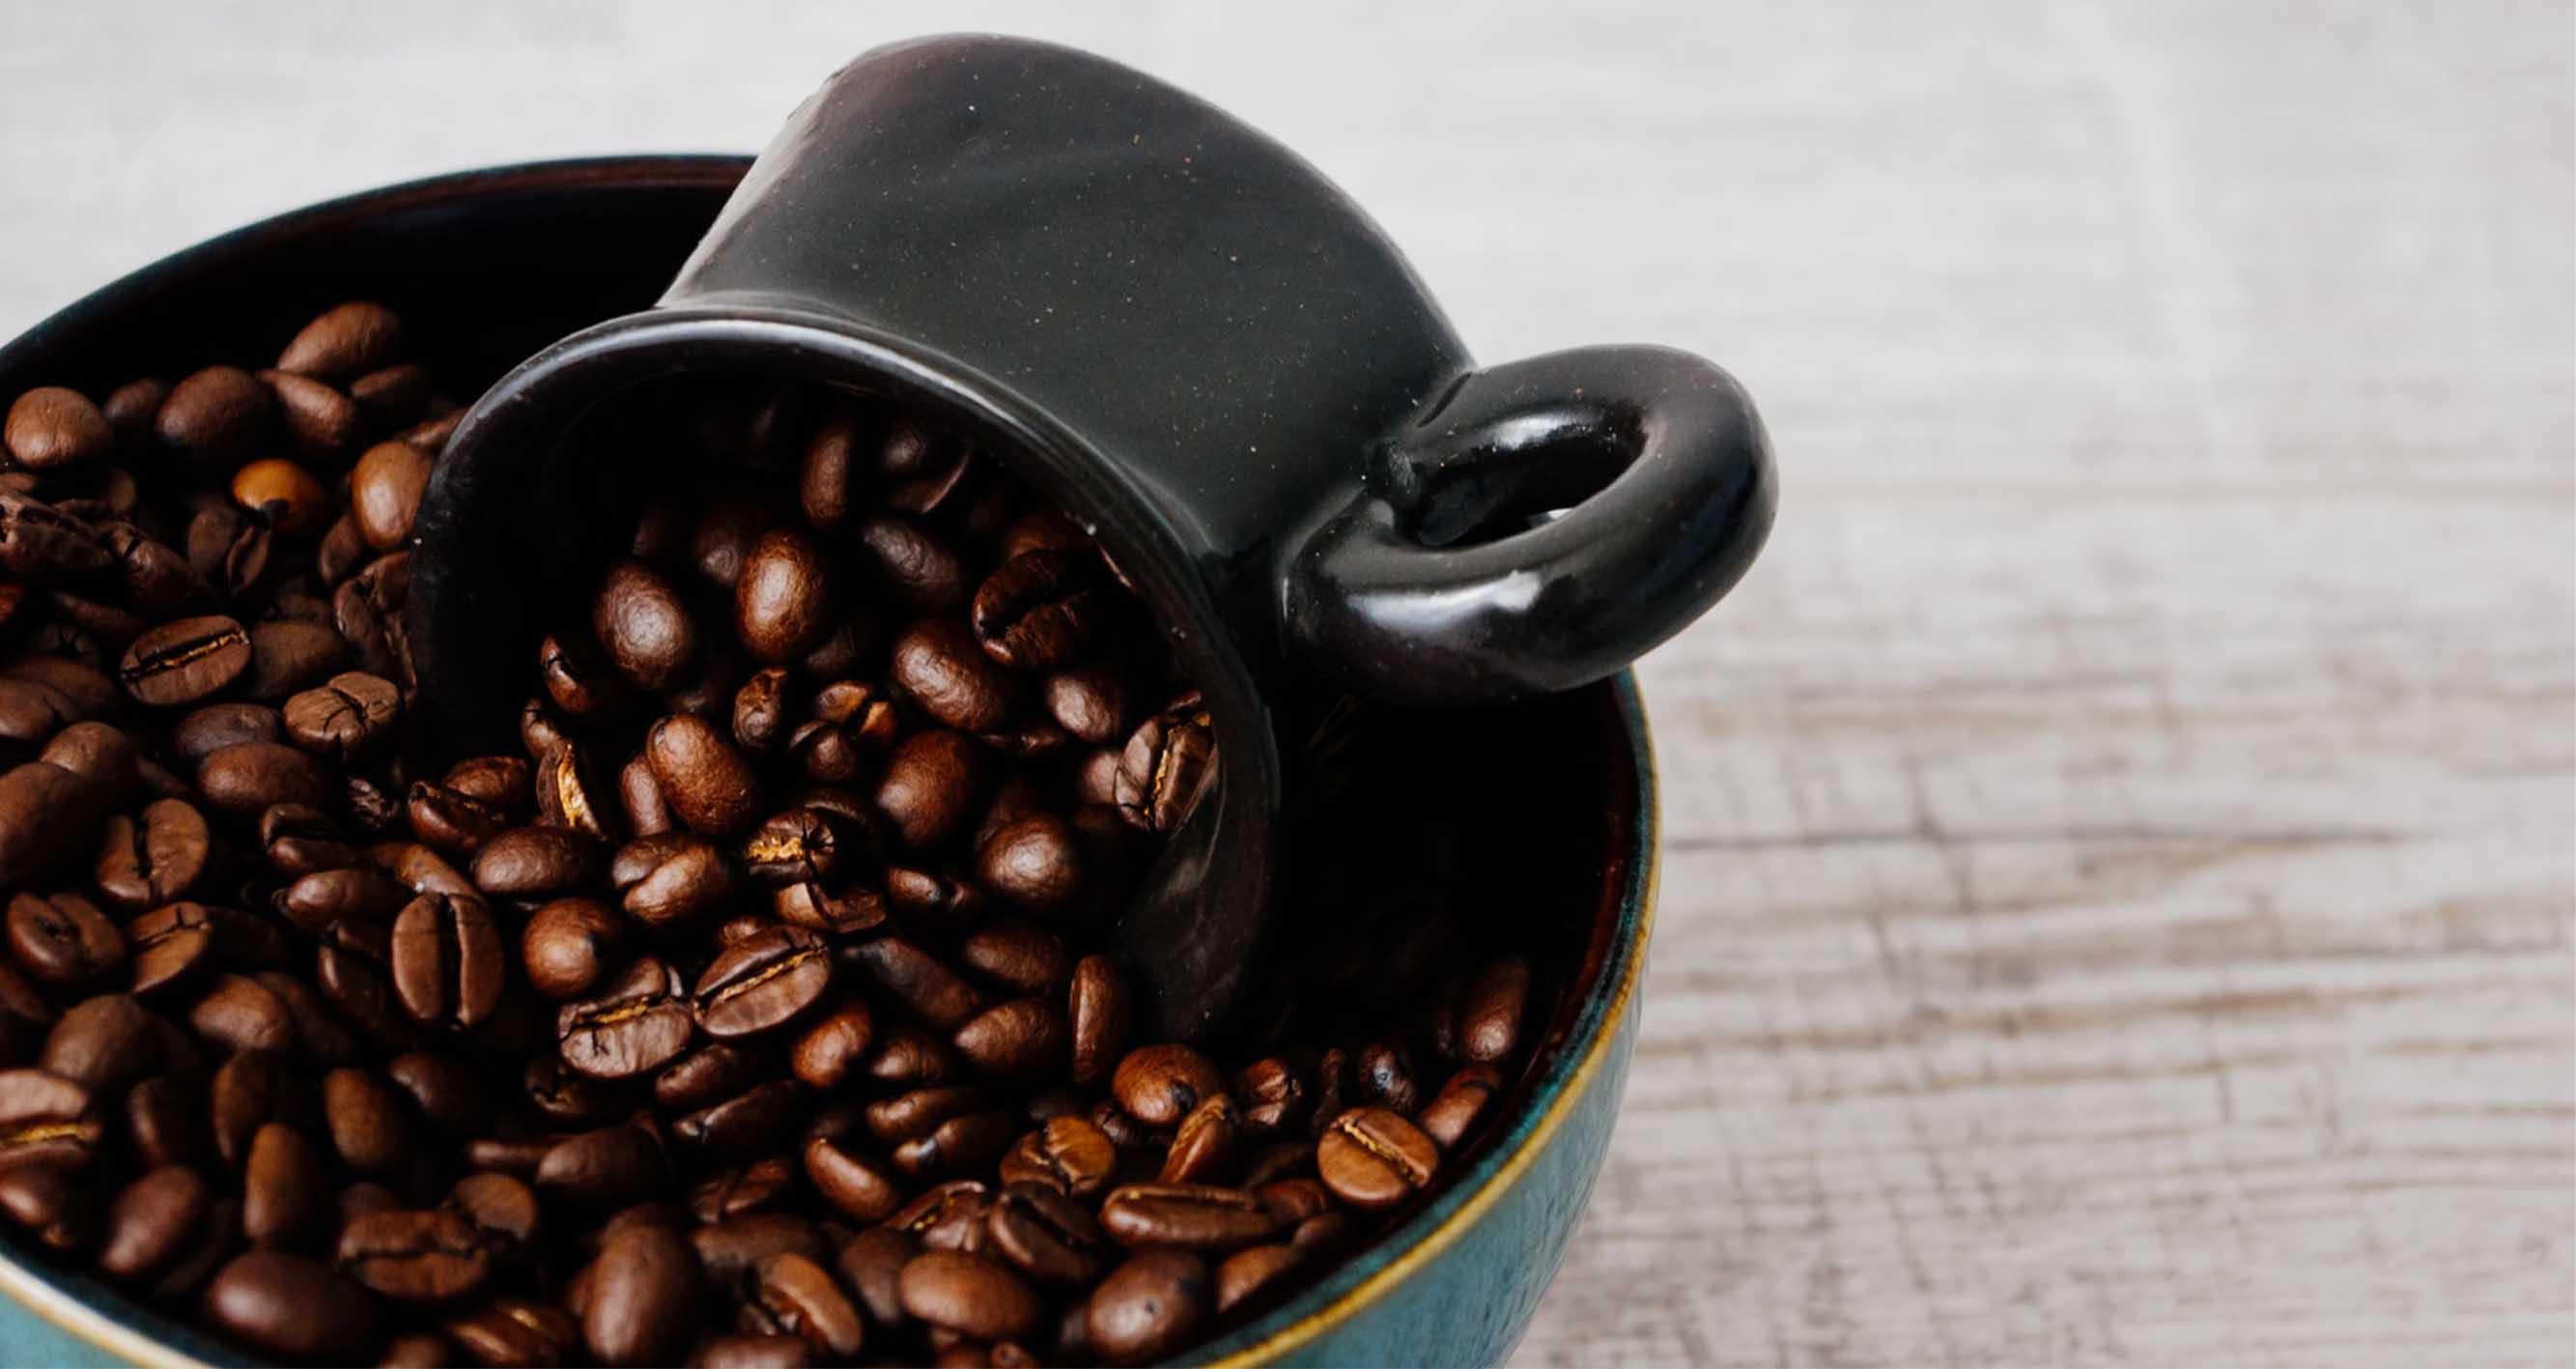 Portoriko - Čokoládová káva, kterou si zamilujete